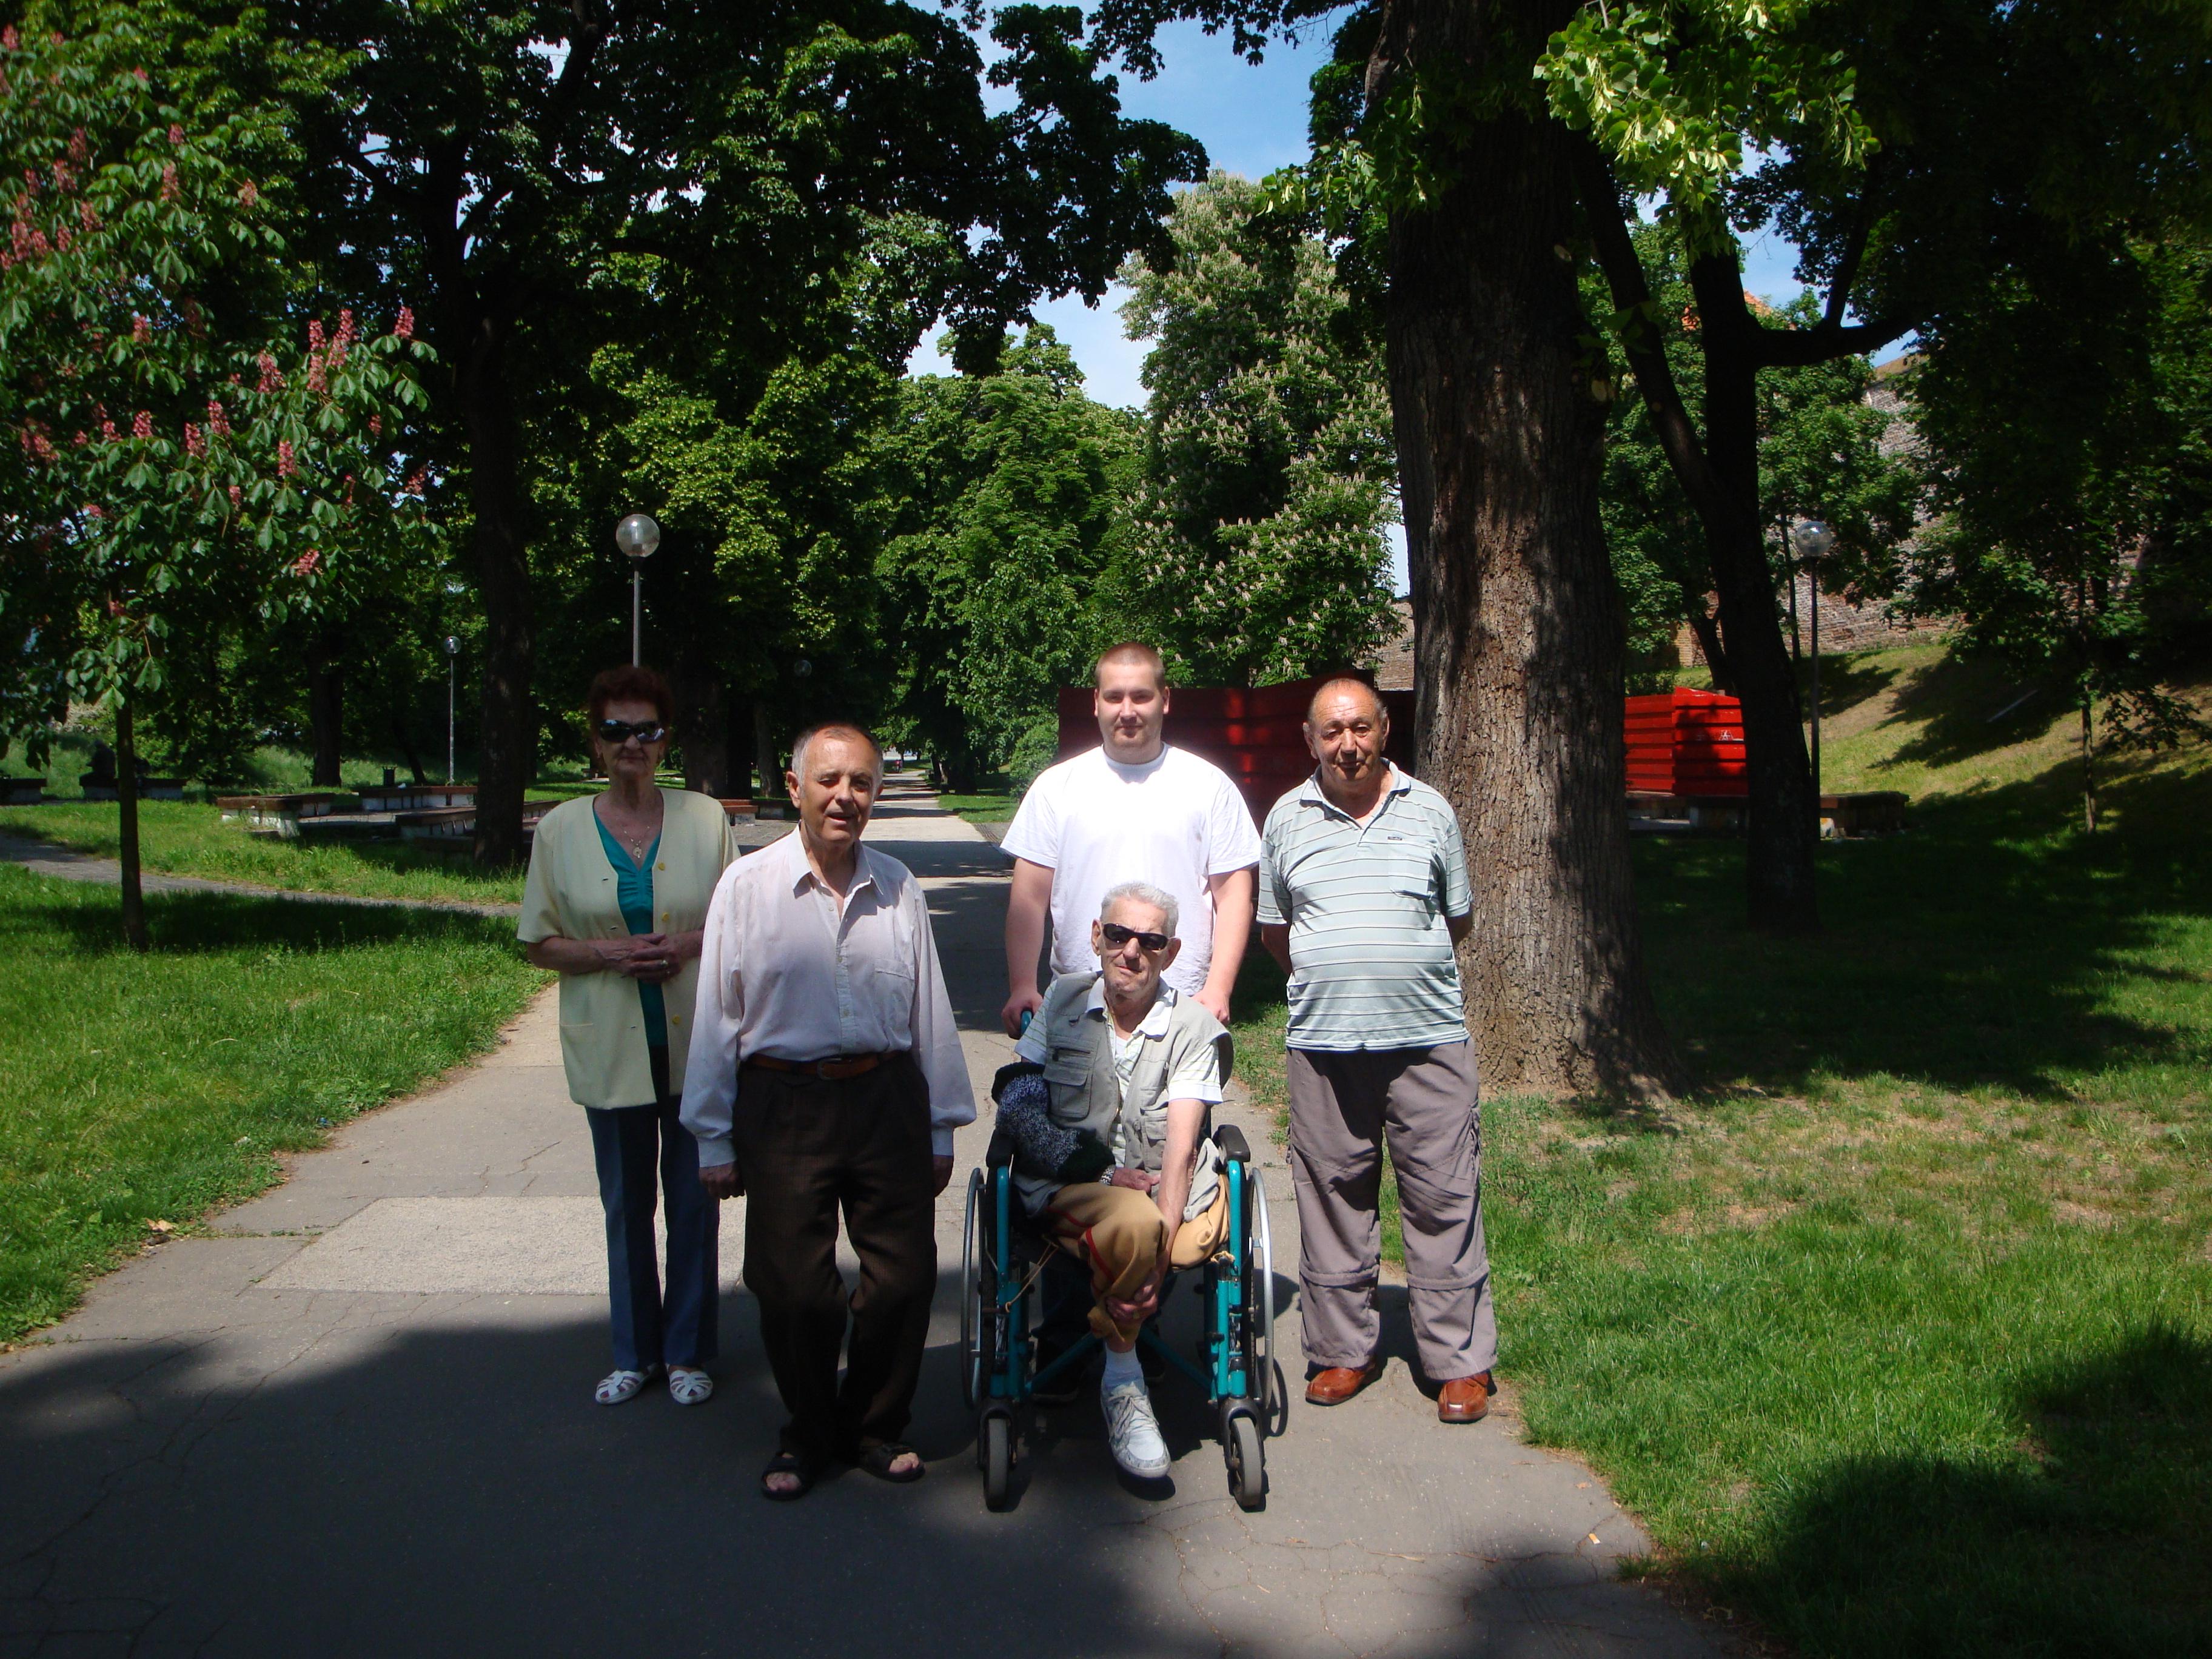 Letná prechádzka parkom 2011